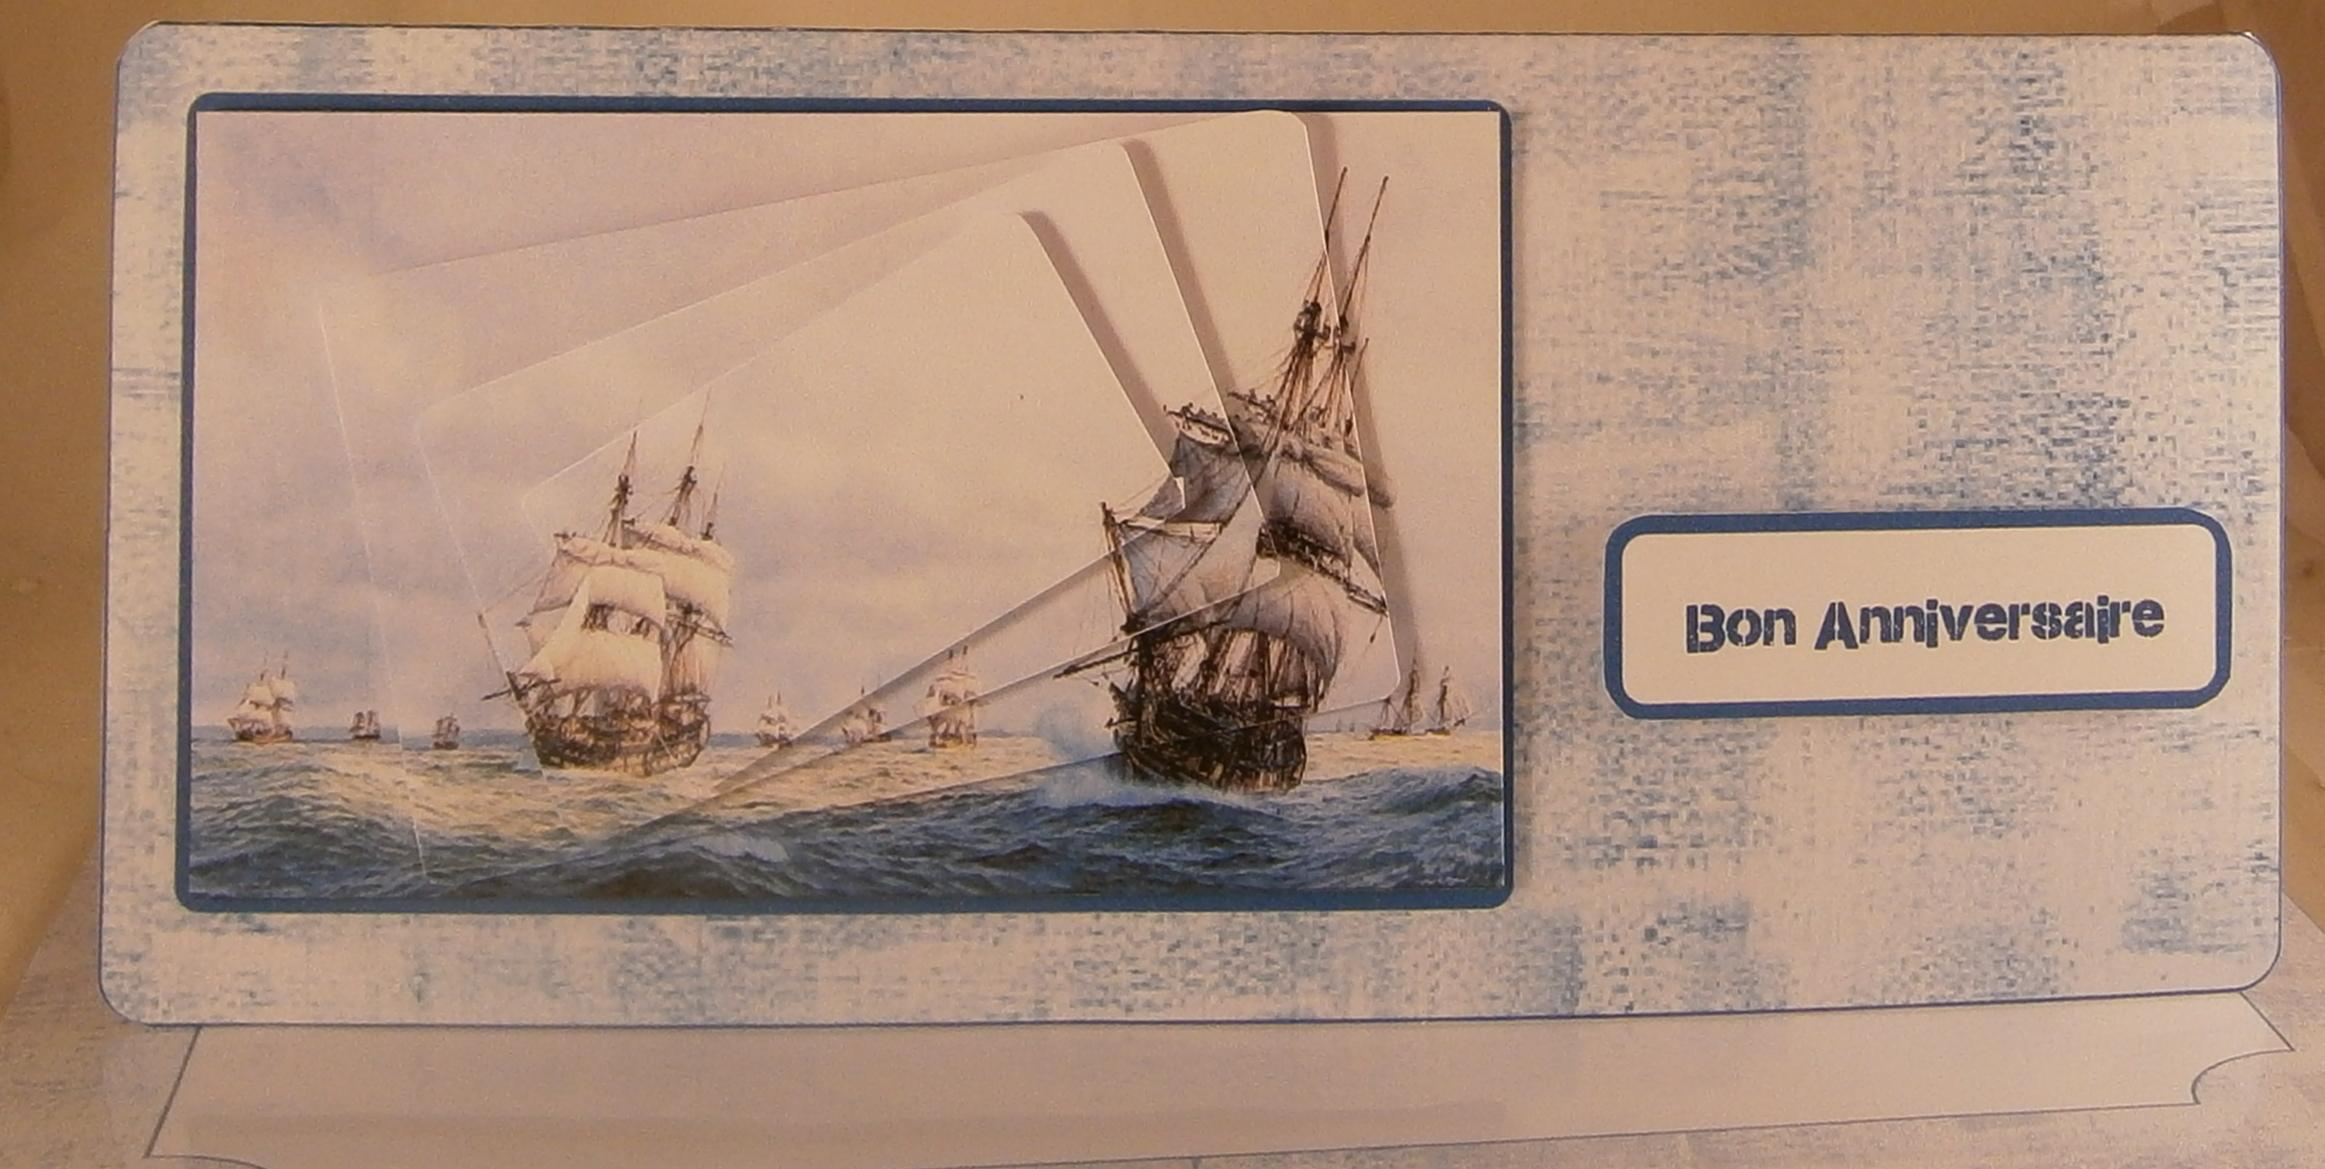 Carte anniversaire avec des bateaux